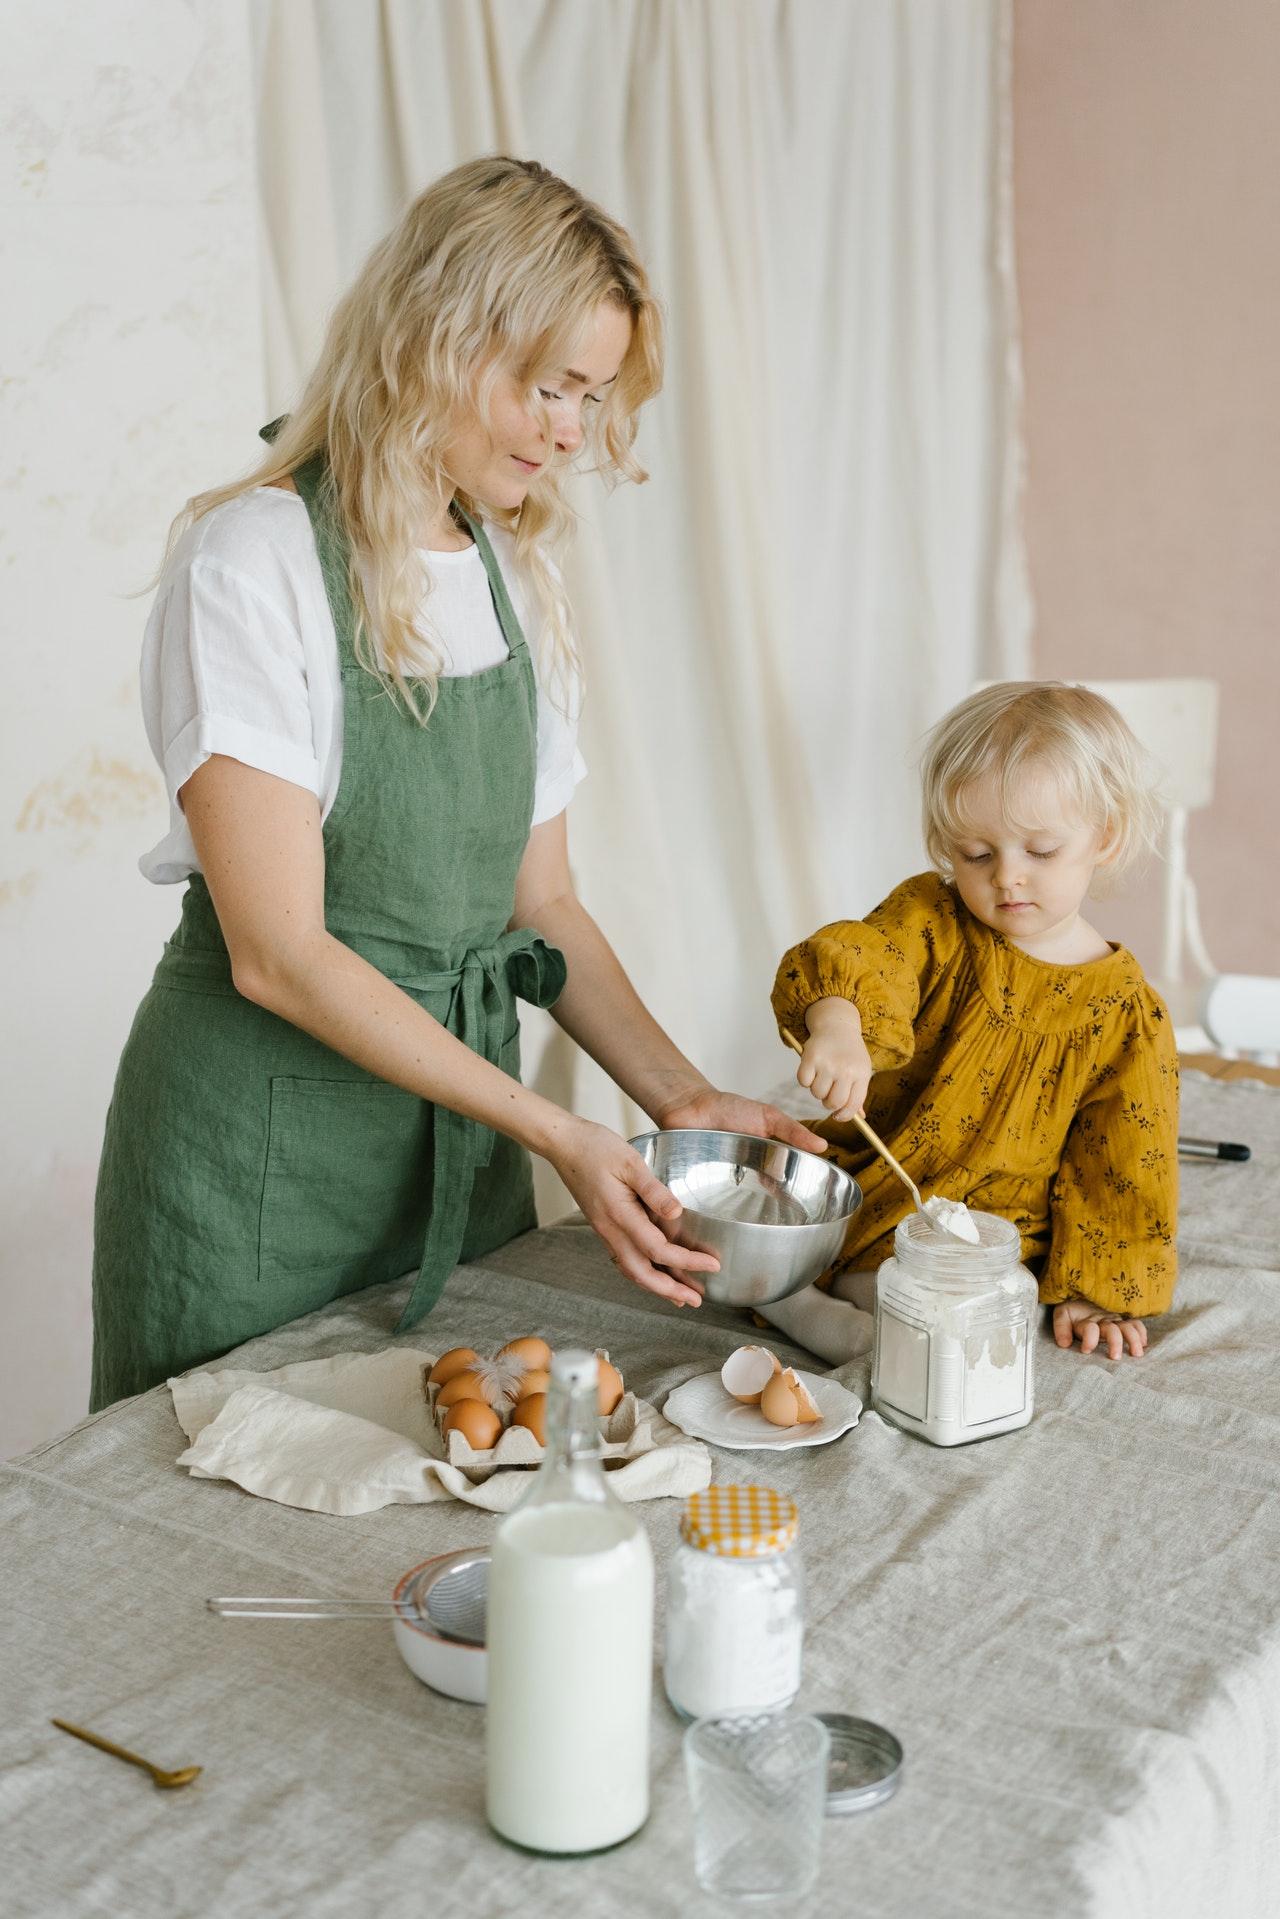 nấu ăn là công việc chung của gia đình